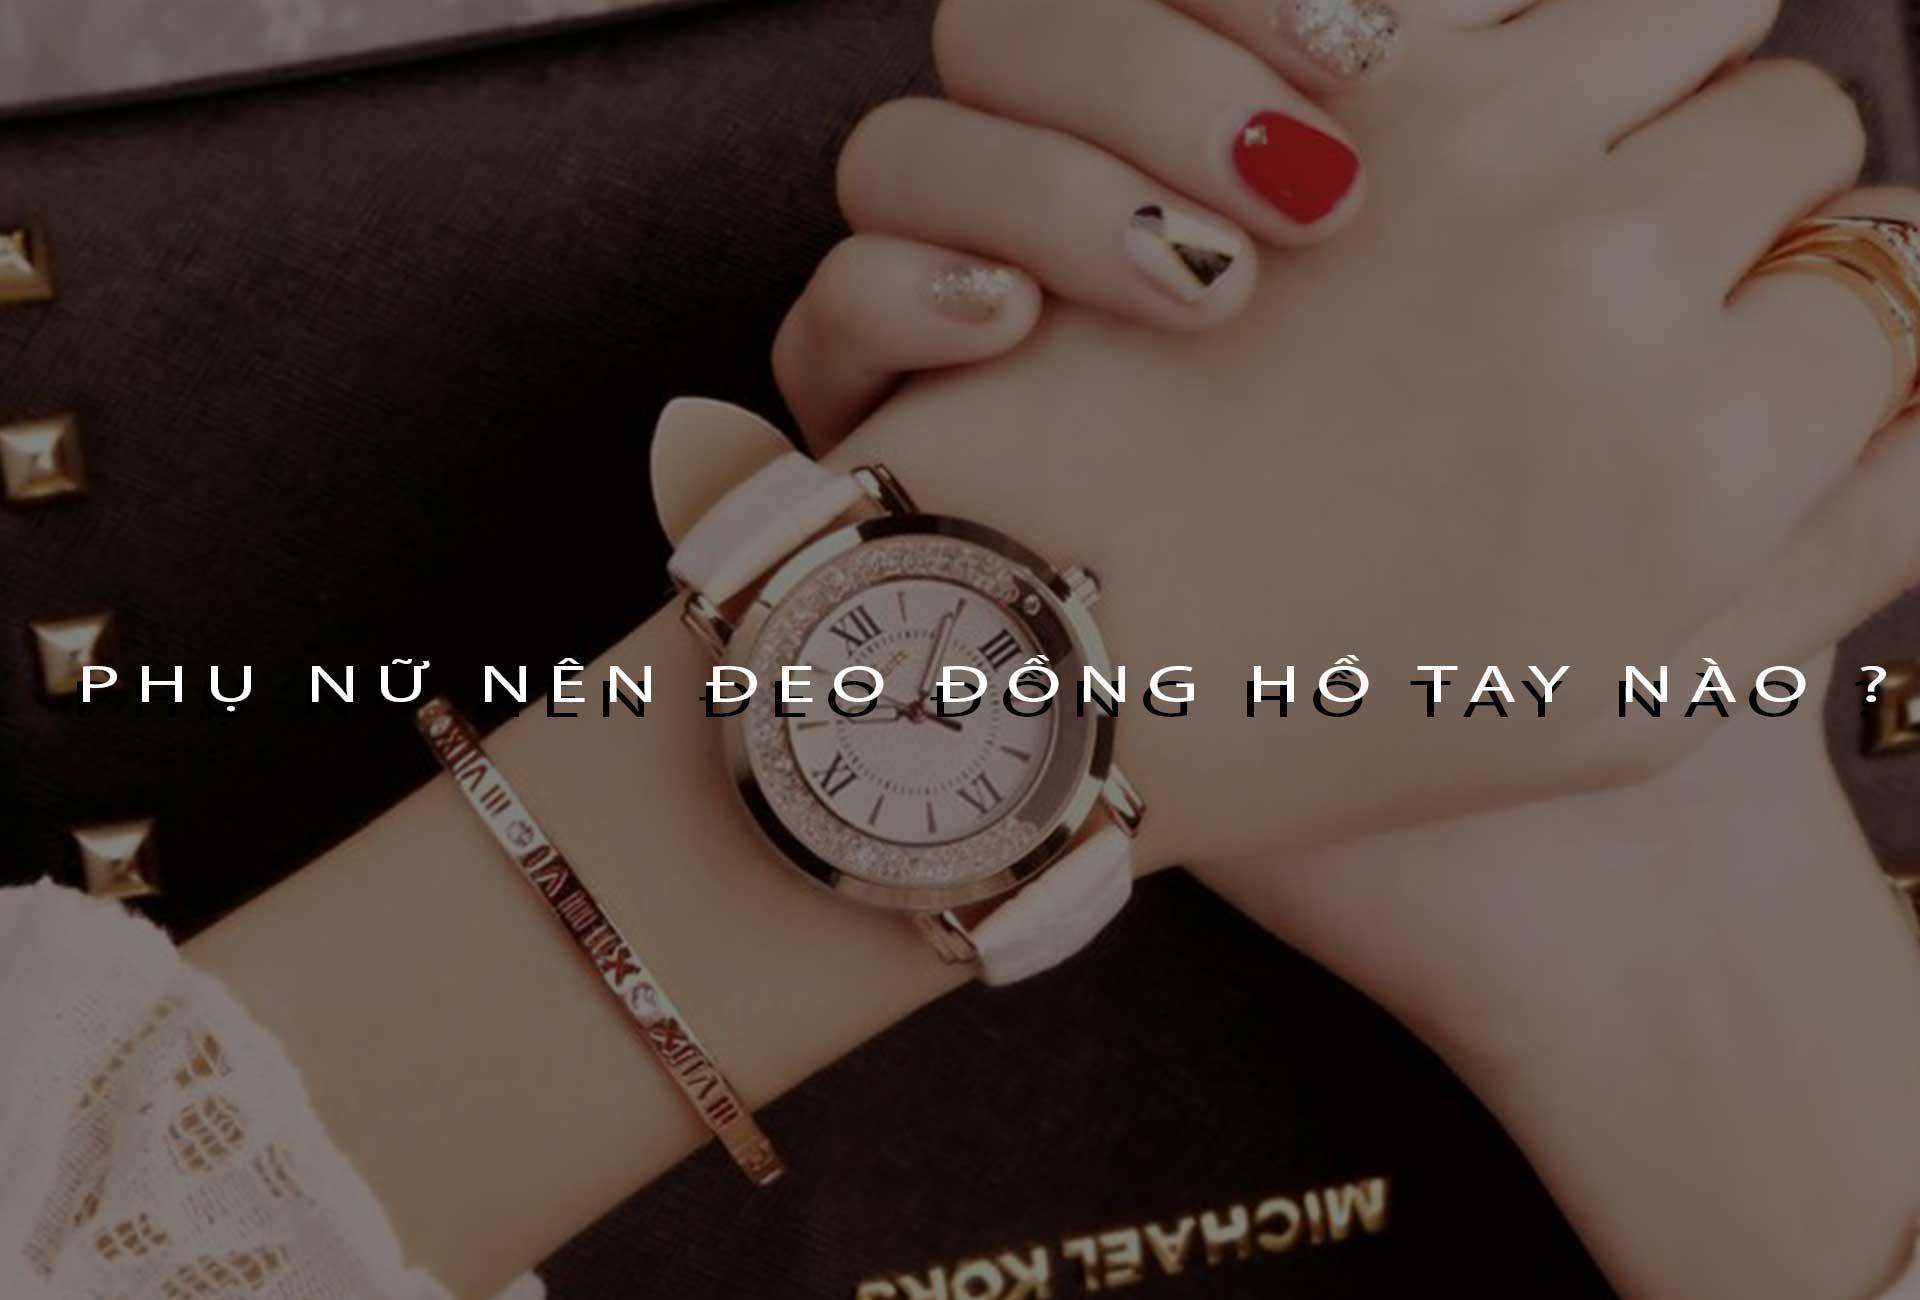 Phụ nữ nên đeo đồng hồ tay nào?